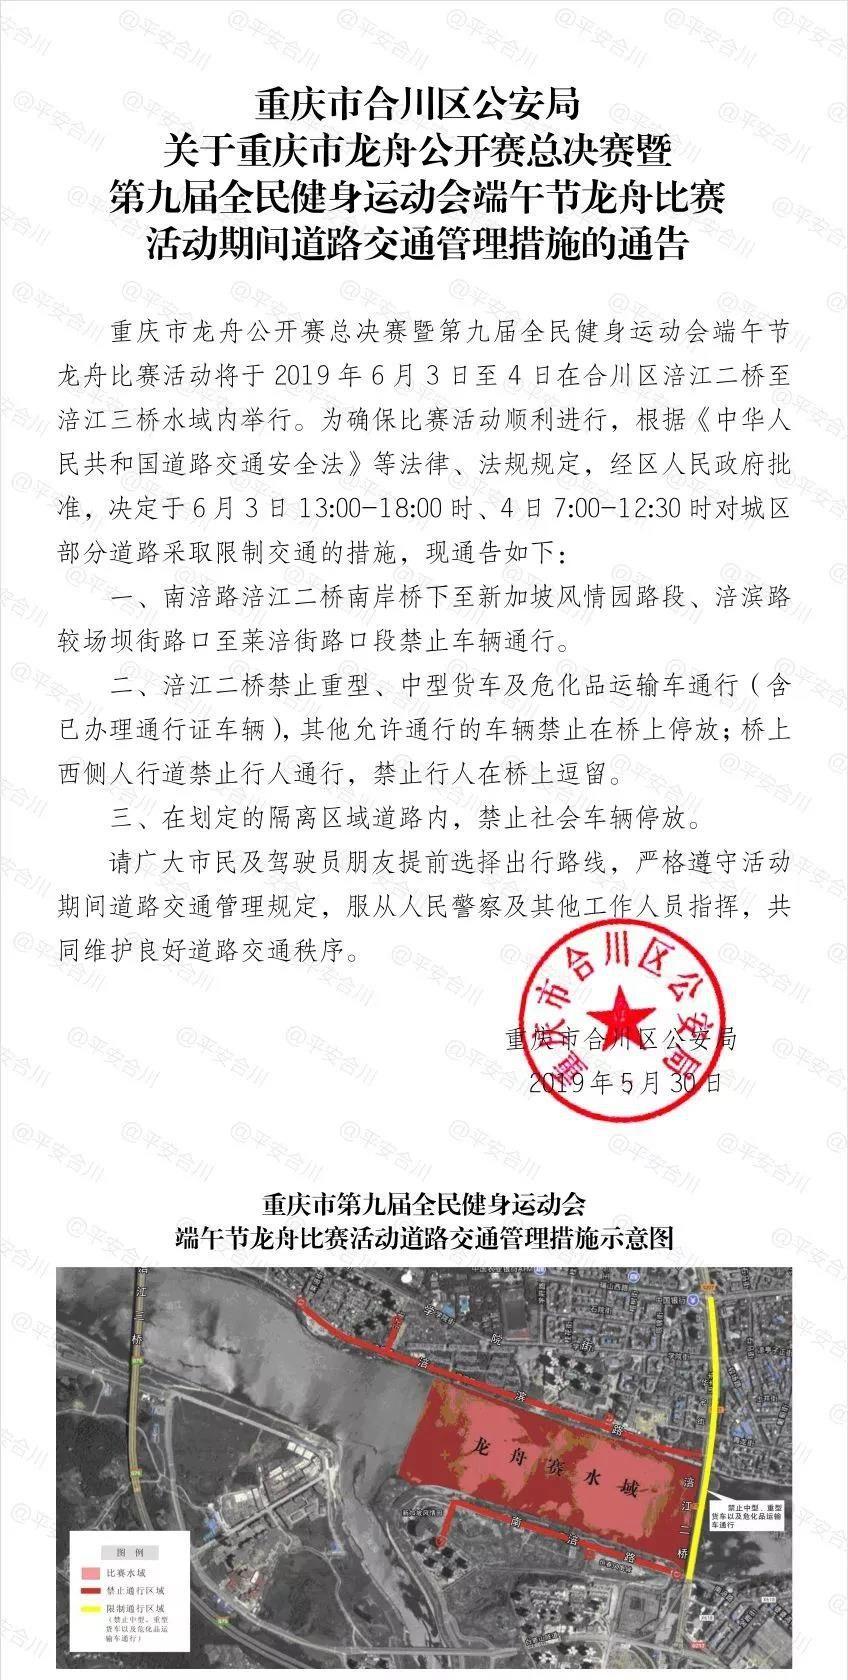 2019重庆龙舟公开赛总决赛时间、地点、交通管制信息